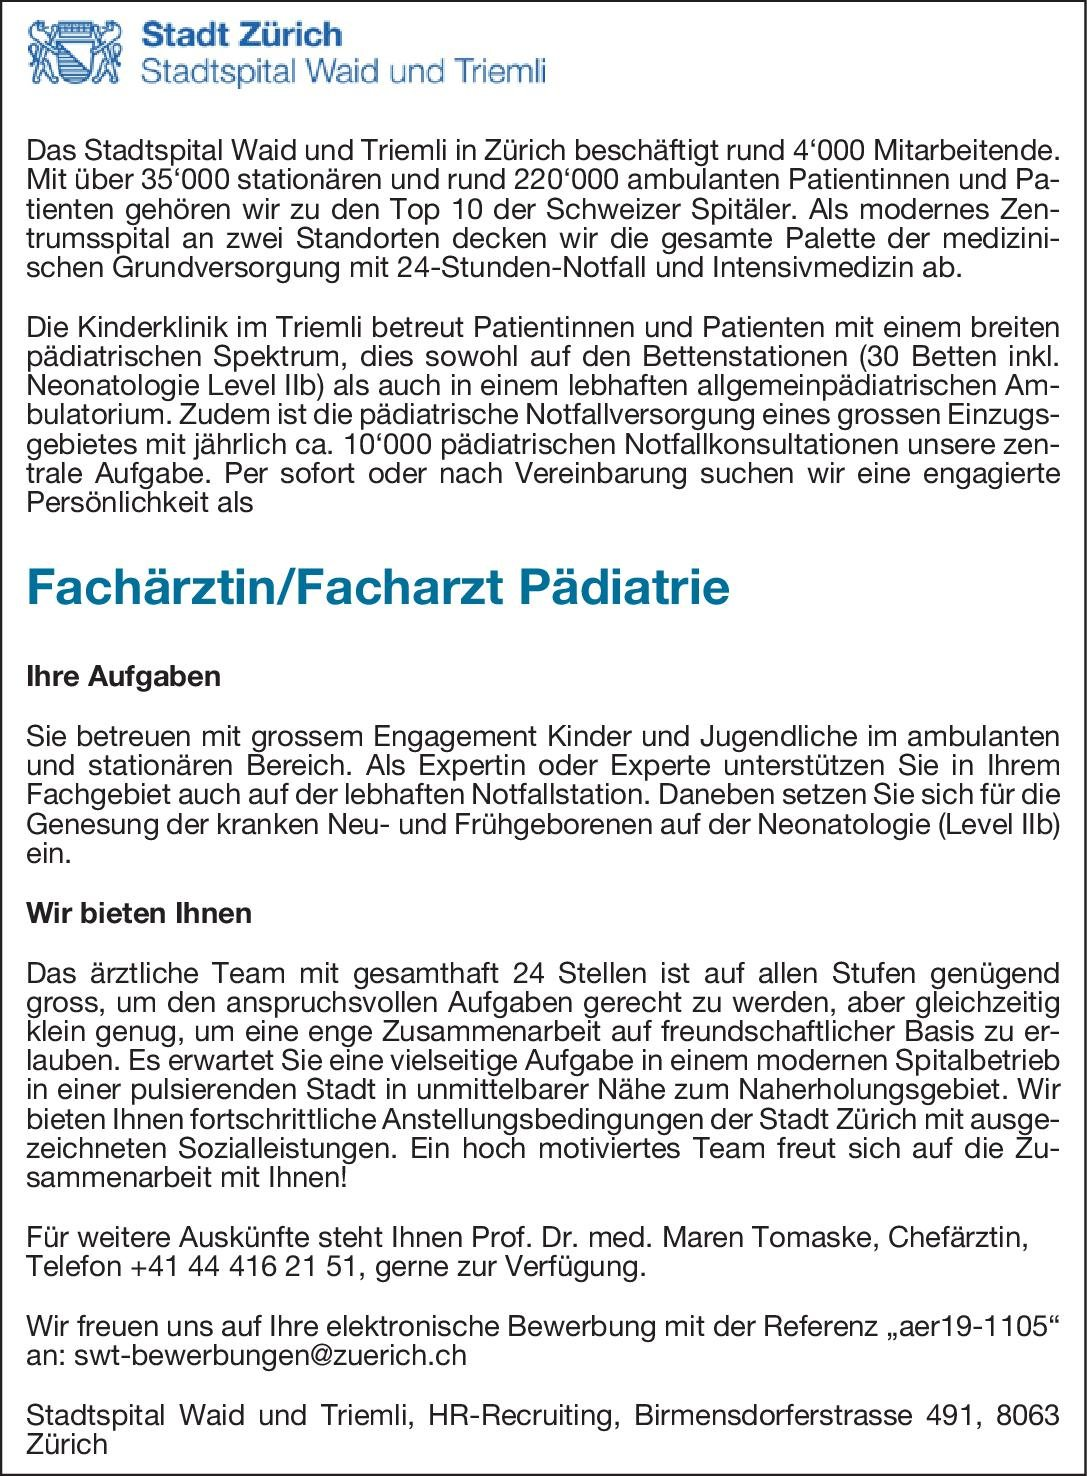 Stadtspital Waid und Triemli Fachärztin/Facharzt Pädiatrie  Kinder- und Jugendmedizin, Kinder- und Jugendmedizin Arzt / Facharzt